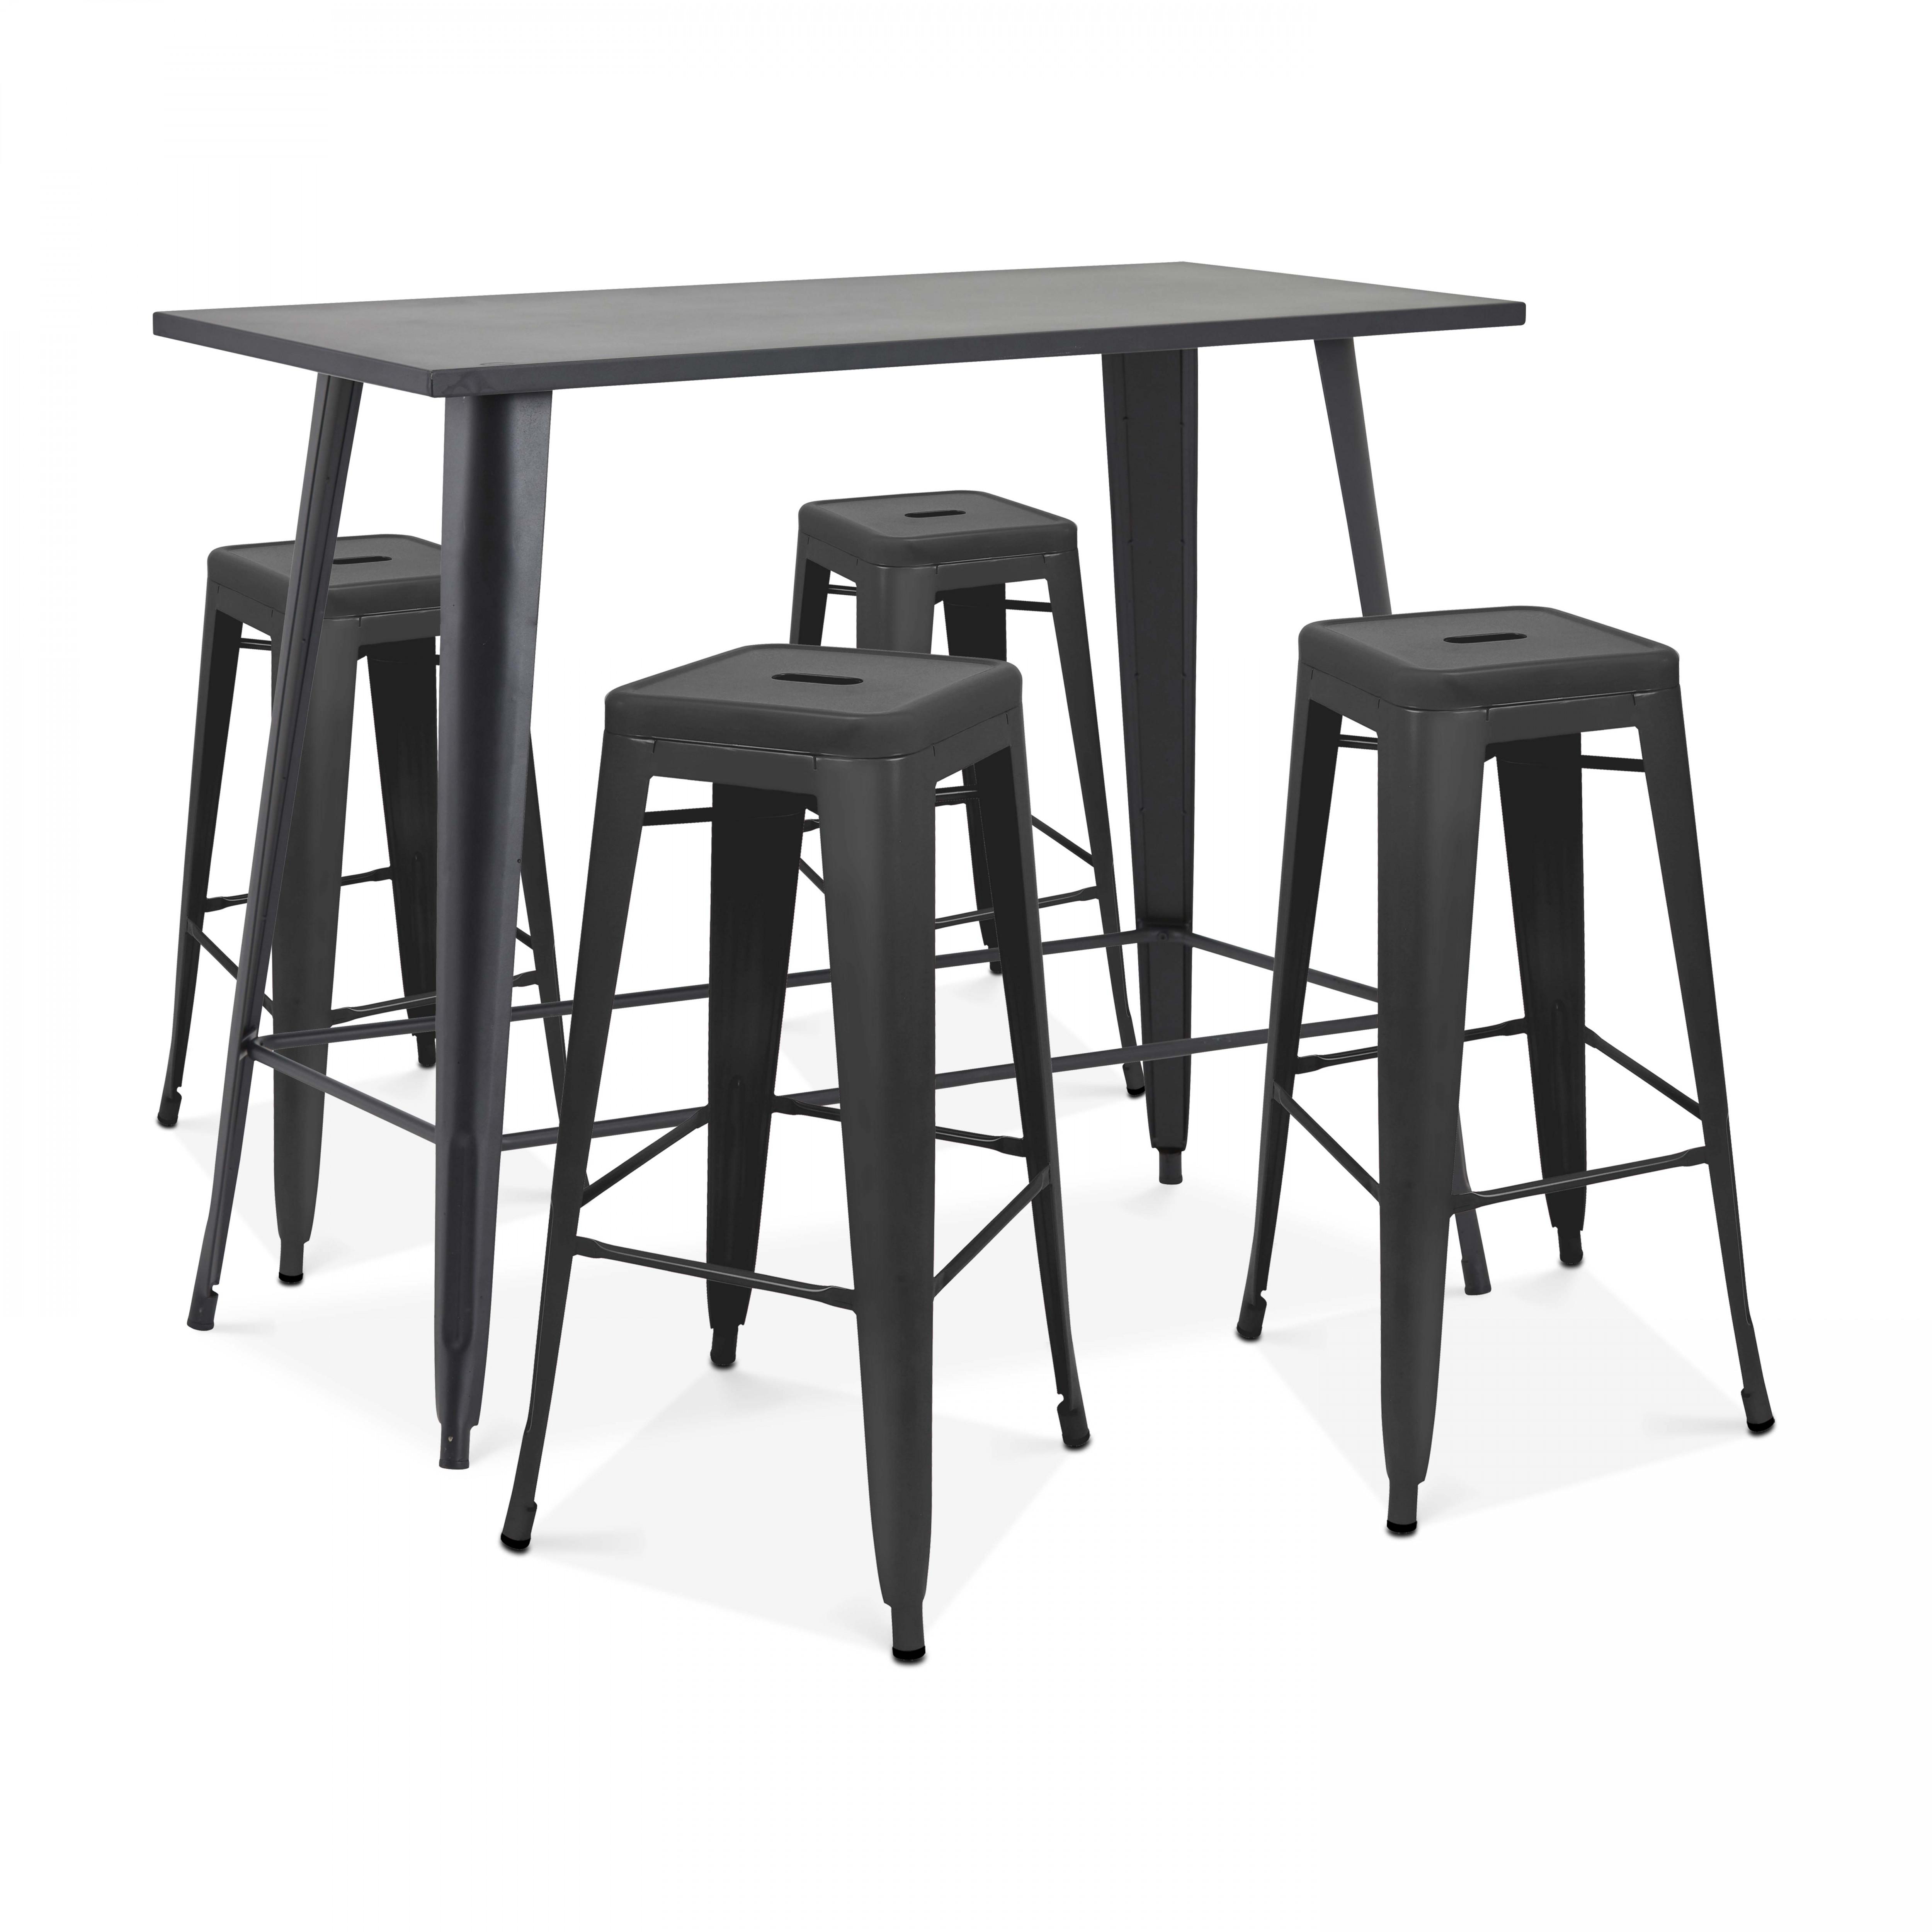 Table haute de jardin et 4 tabourets en métal noir mat